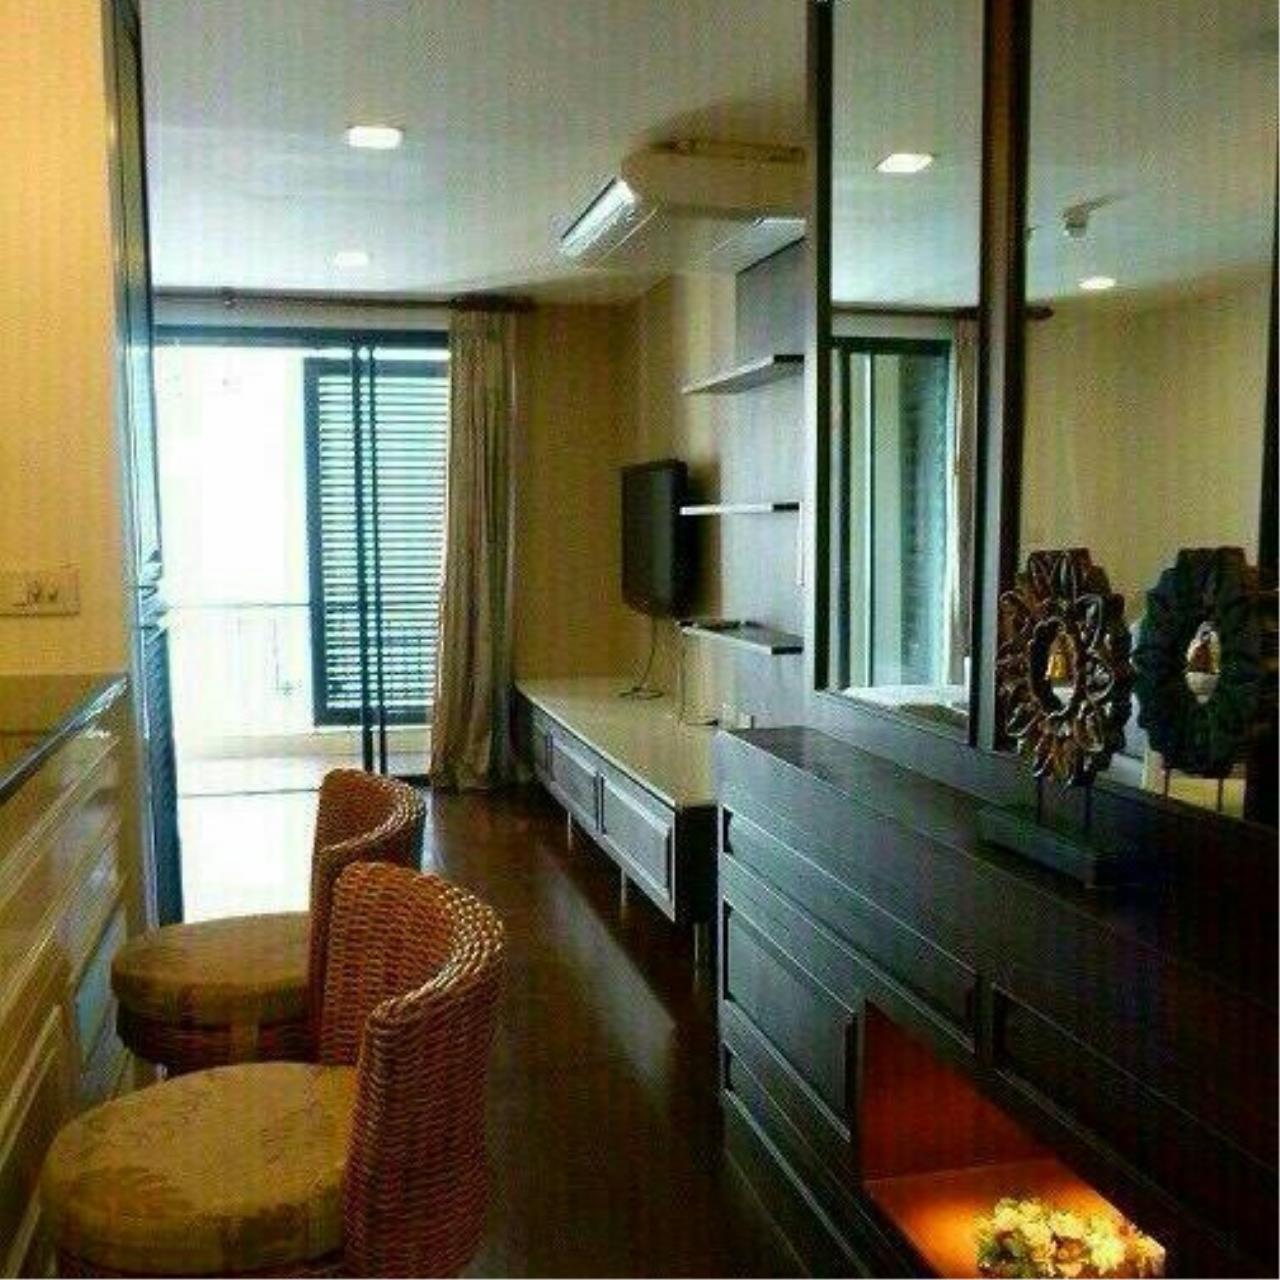 You Estate Agency's sale or rent 52000 area 80 sq.m 2 bed Prime Mansion sukhumvit 31 5